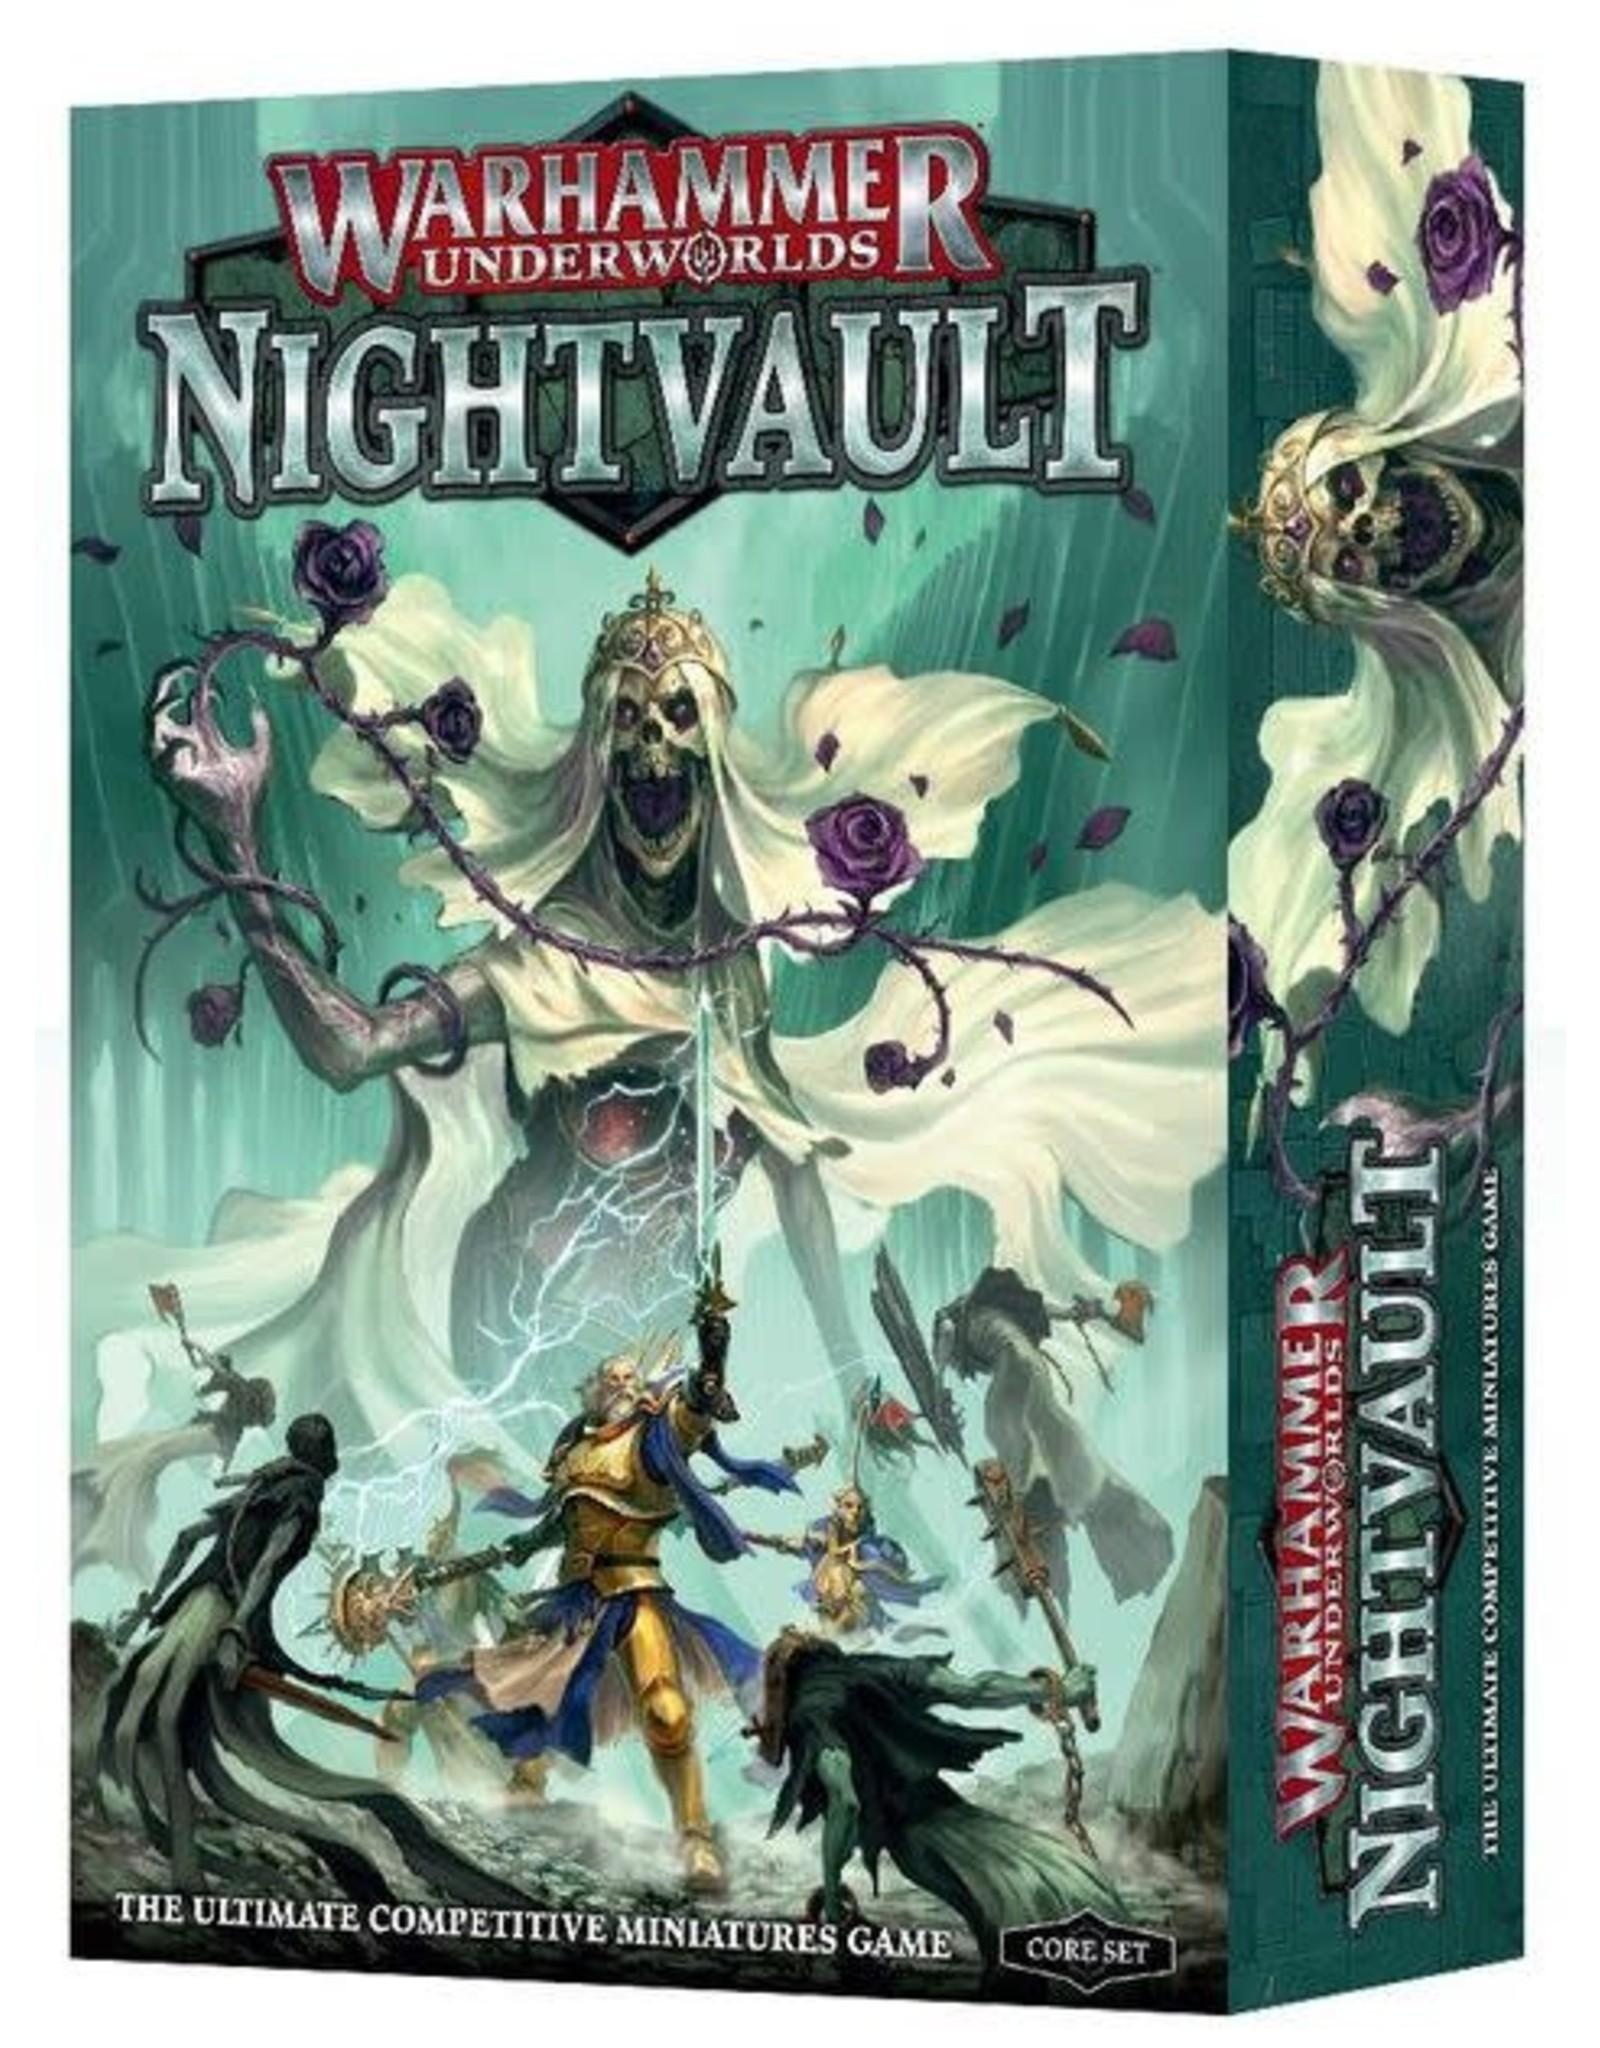 Warhammer Underworld - Nightvault